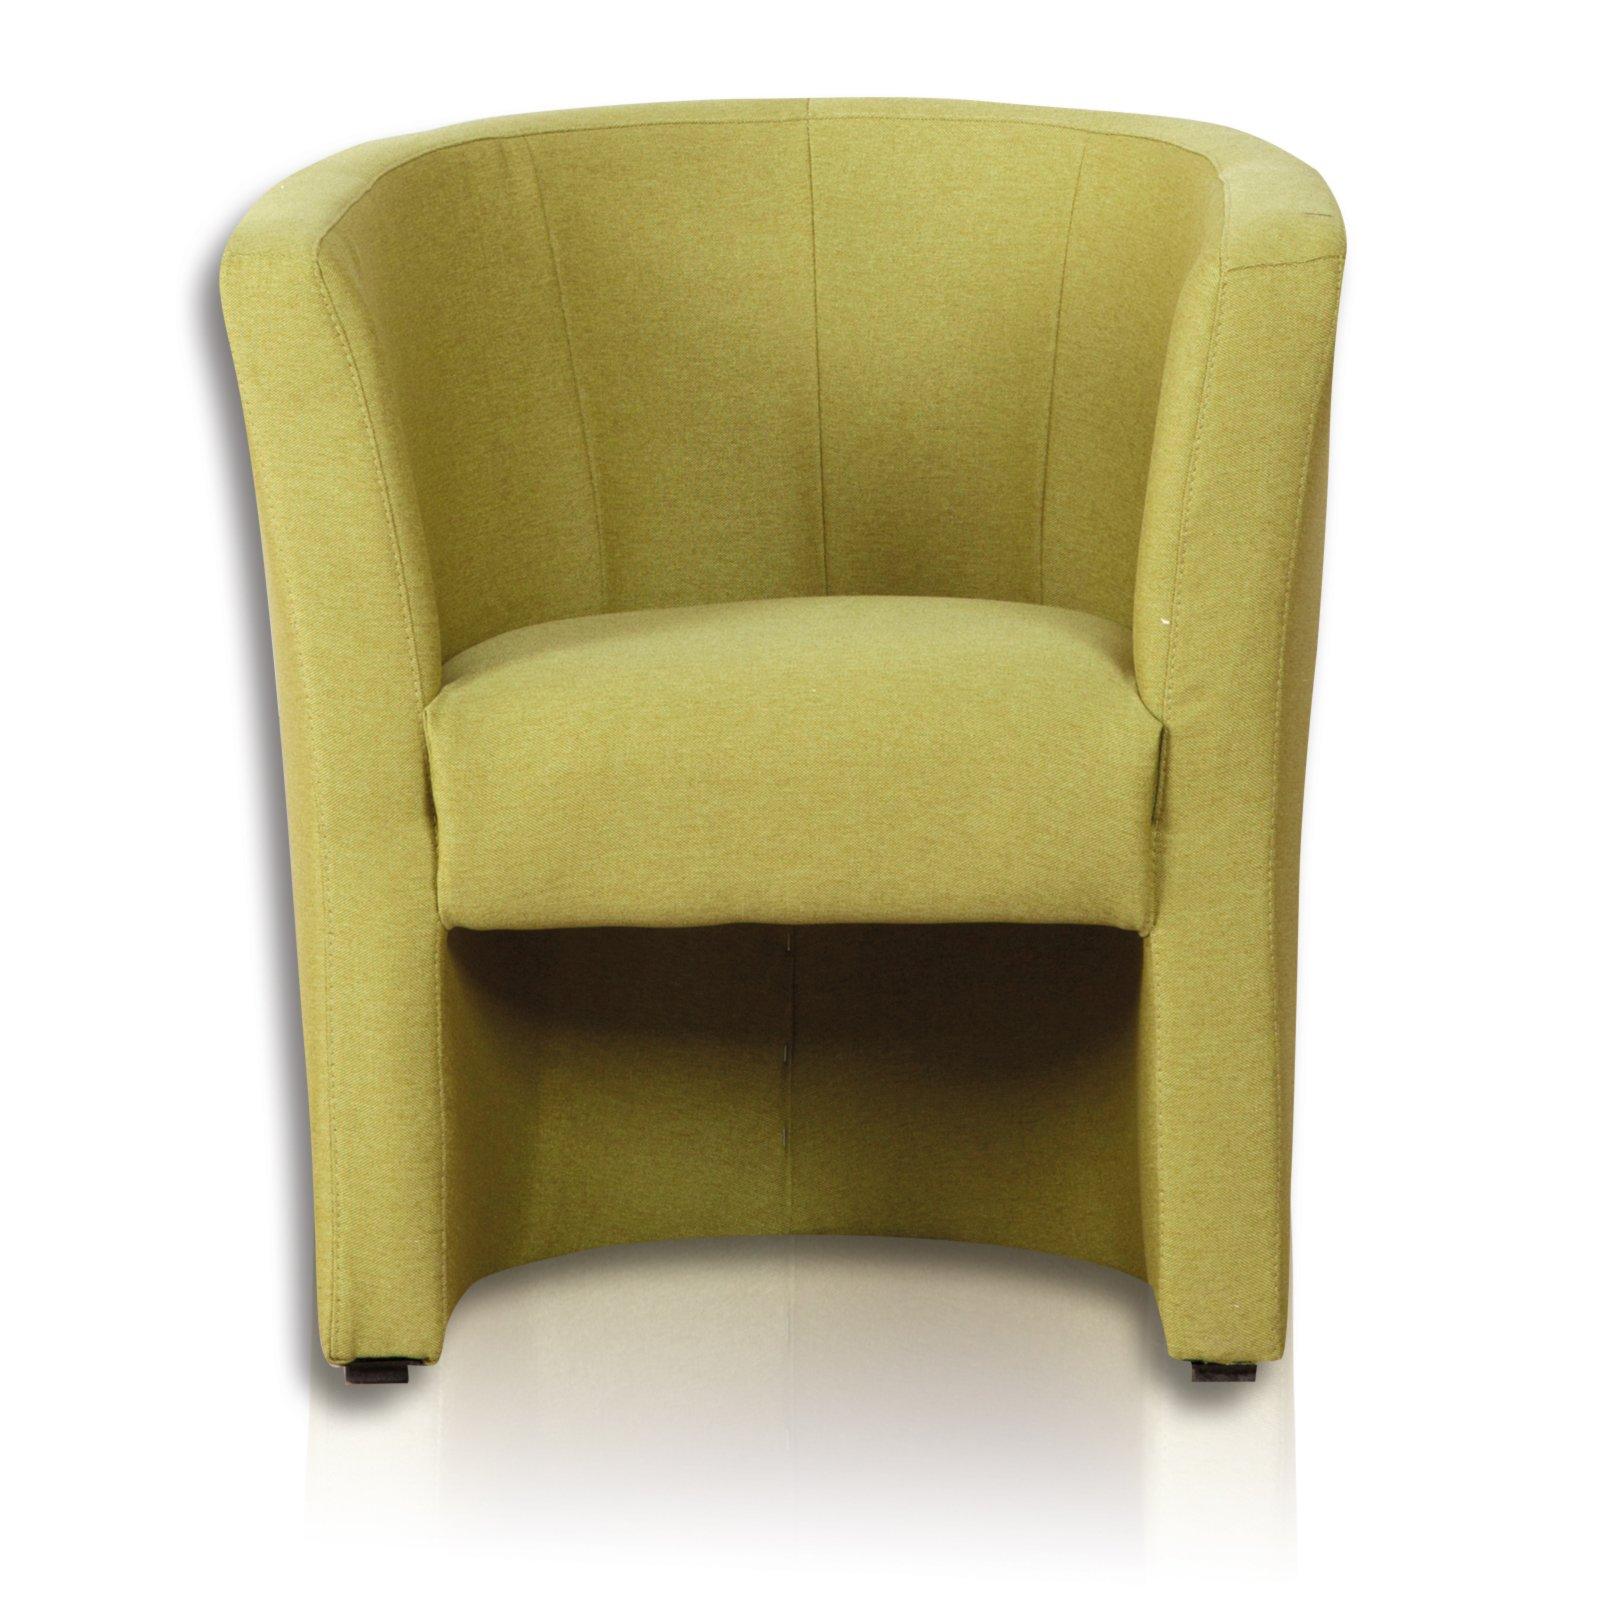 cocktailsessel gr n 75x83 cm cocktailsessel sessel hocker m bel m belhaus roller. Black Bedroom Furniture Sets. Home Design Ideas